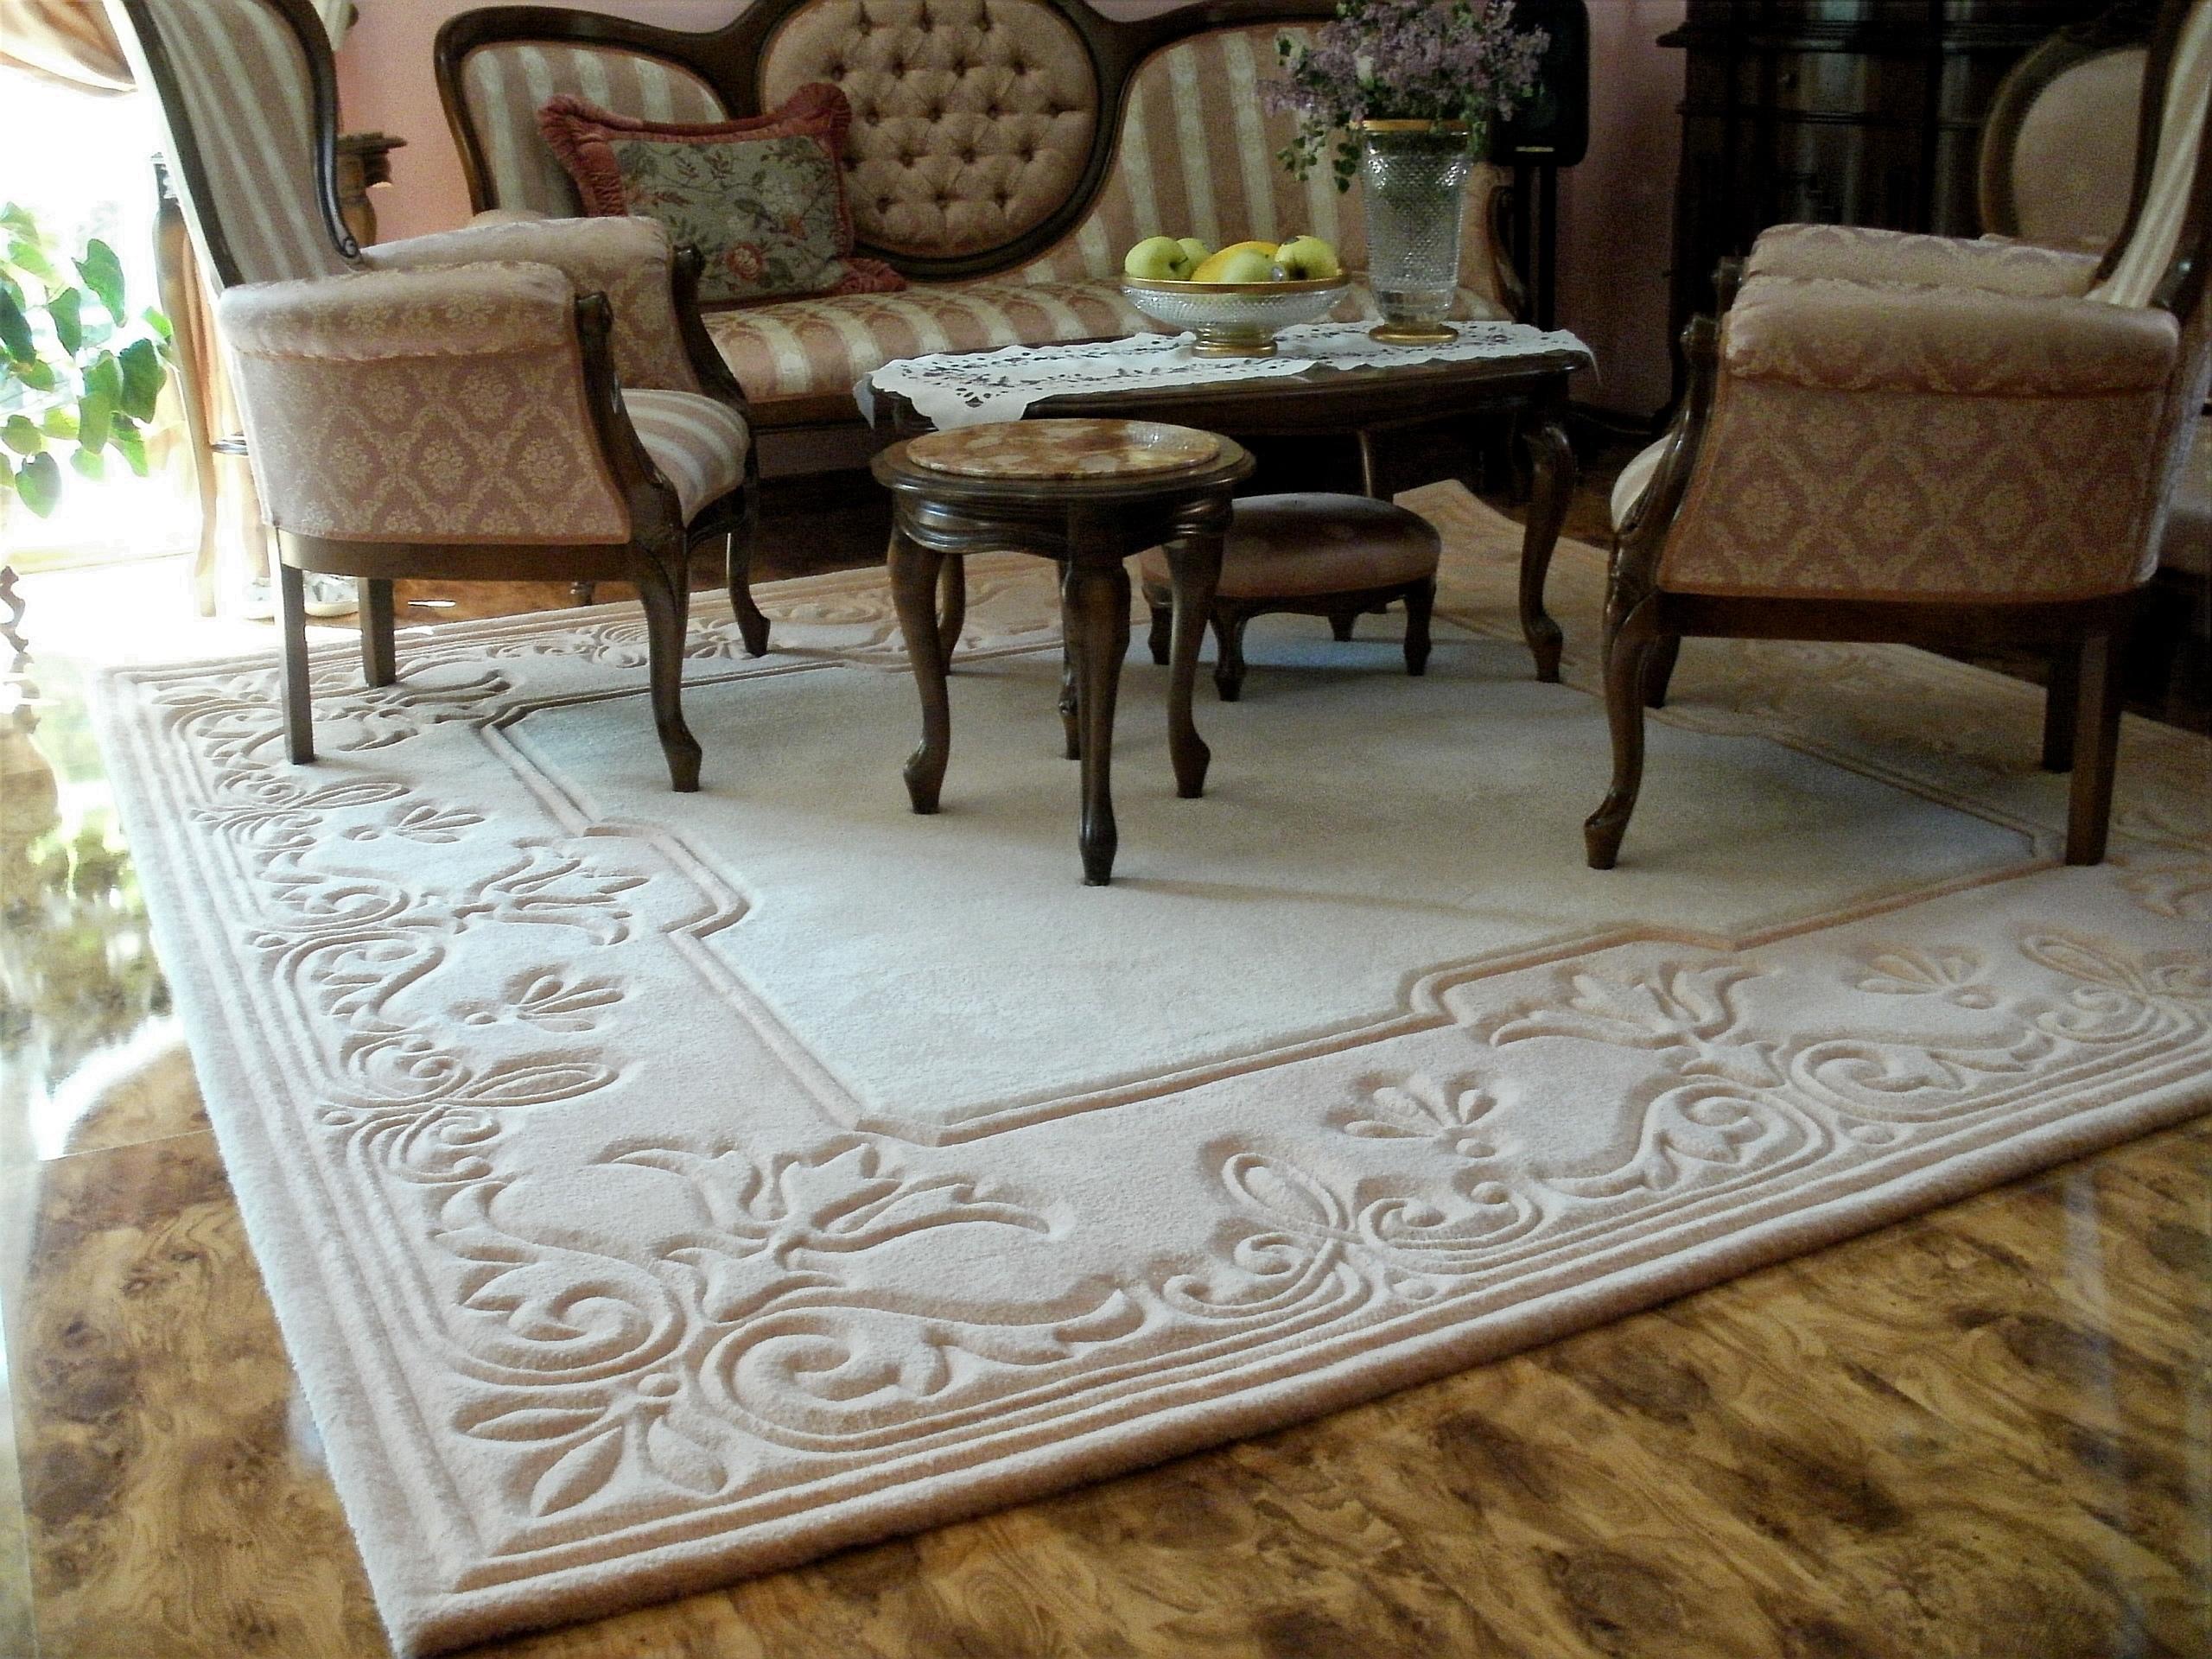 Уникальность рельефных ковров - особенности и уход